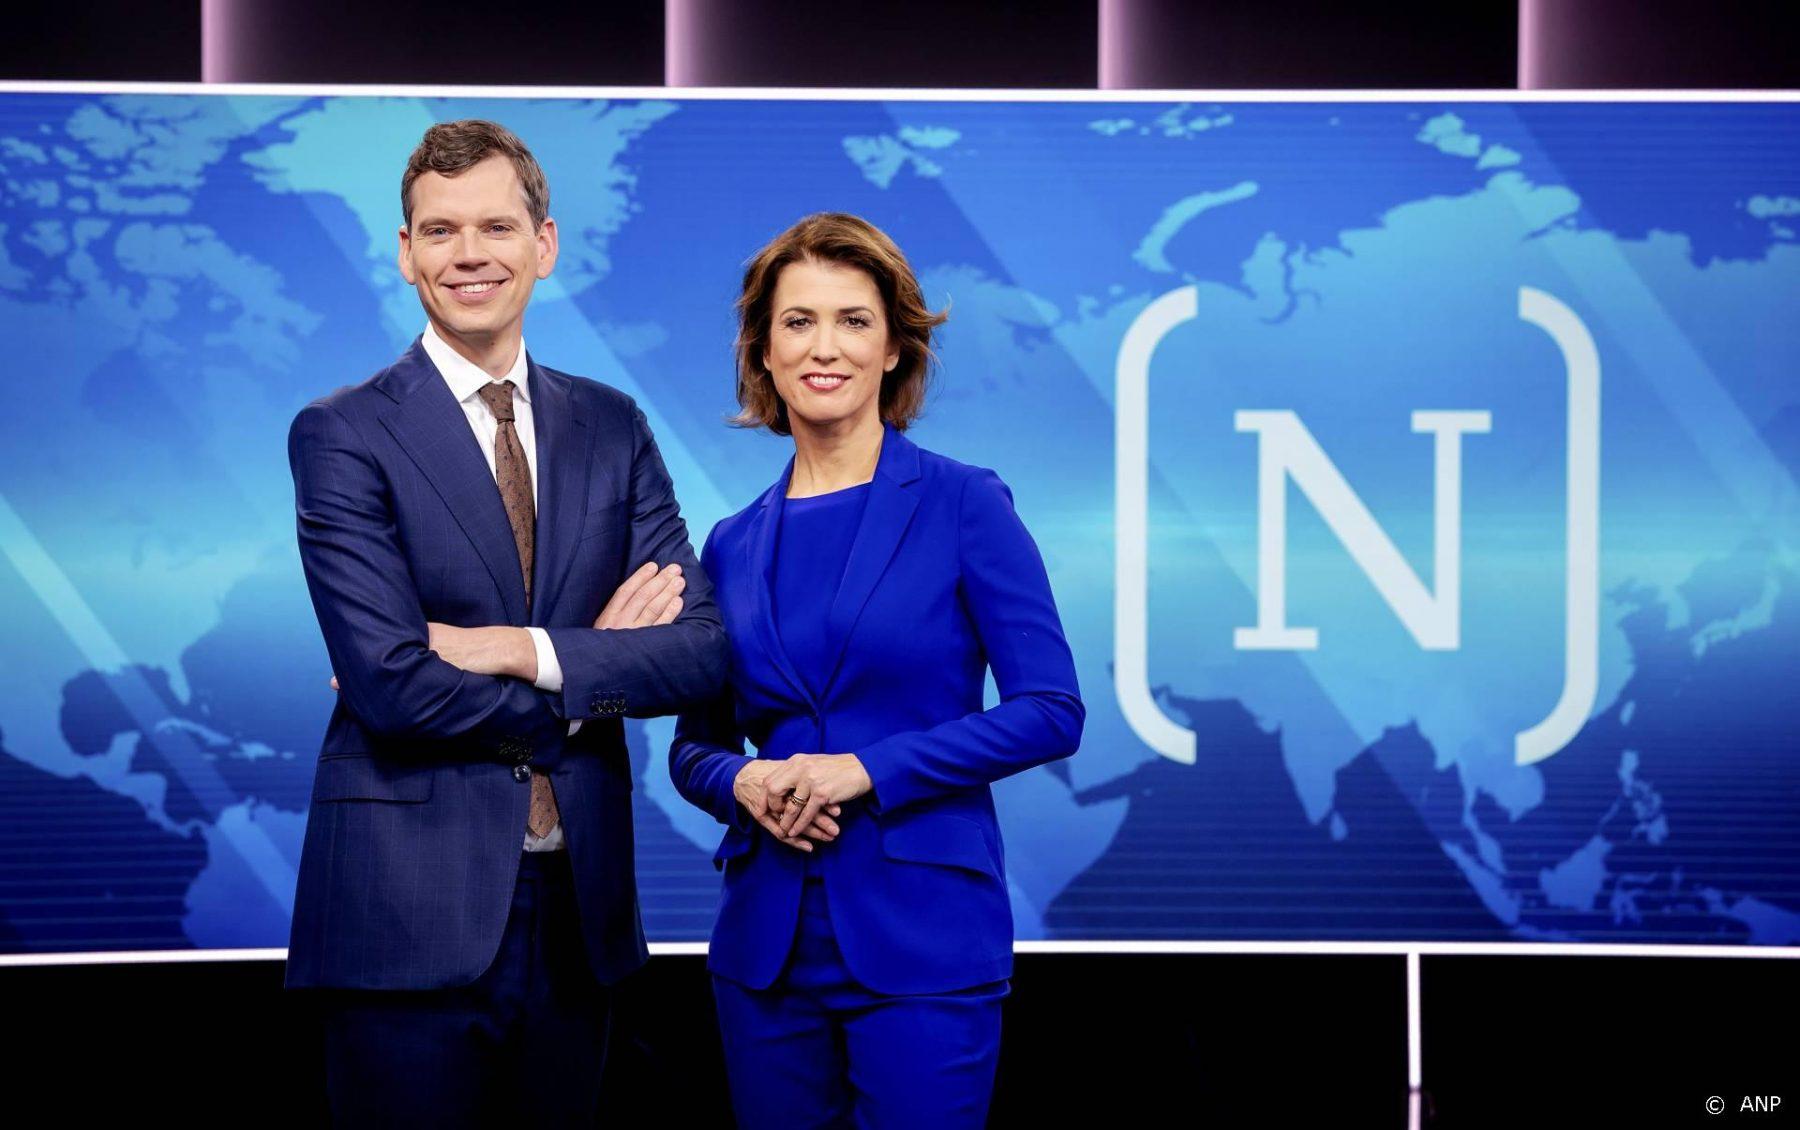 'Nieuwsuur' wint Zilveren Nipkowschijf: 'Journalistieke kwaliteit opgestuwd tot grote hoogten'